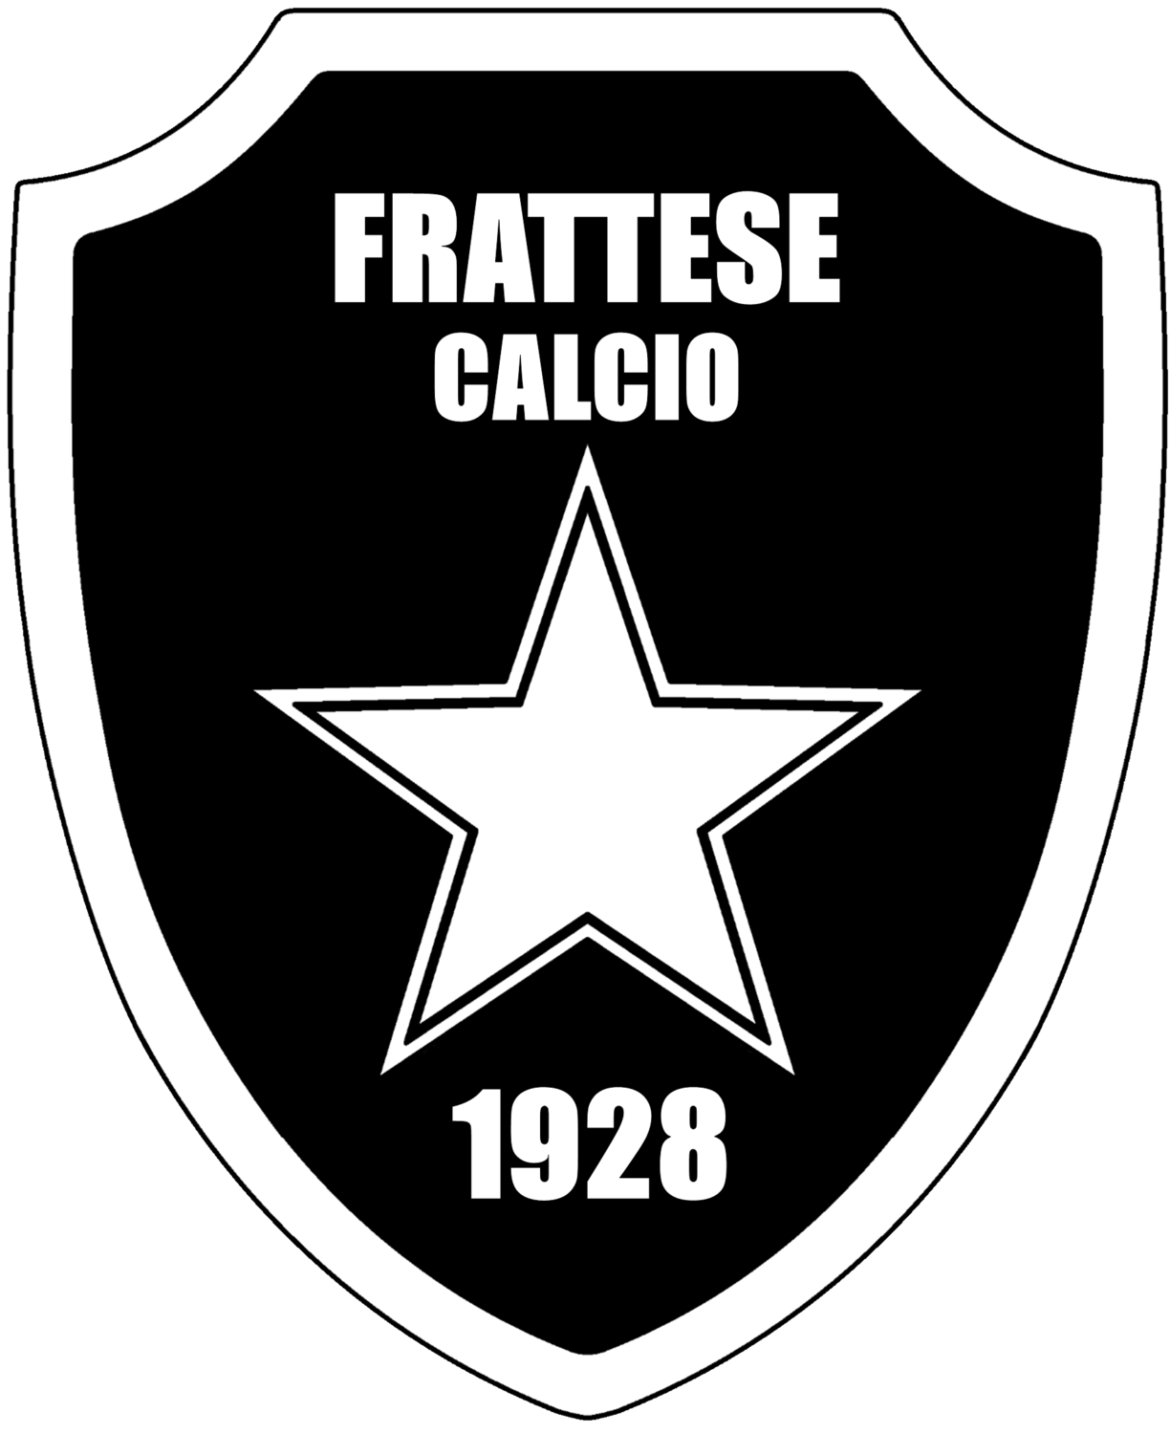 L'urlo dei tifosi nerostellati: la Frattese ai Frattesi a Frattamaggiore!